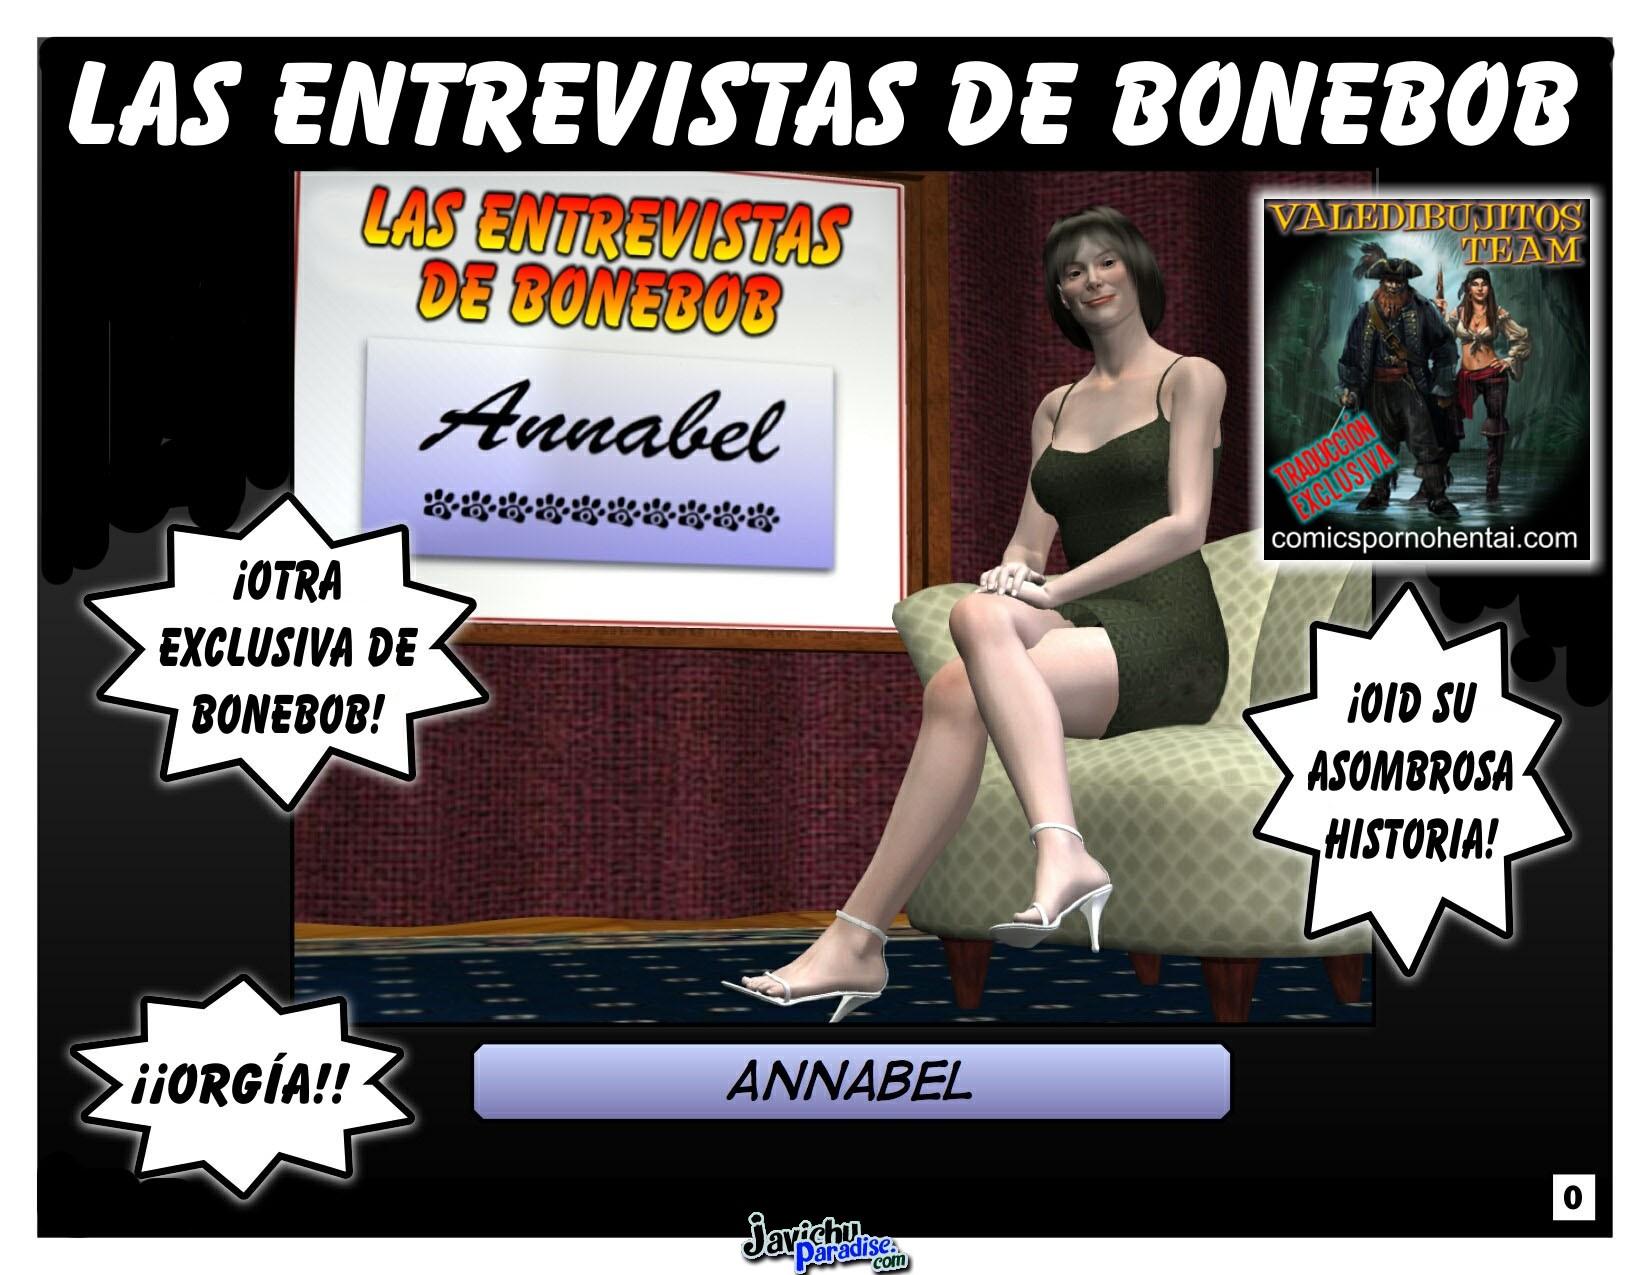 Annabel Las Entrevistas de Bonebob